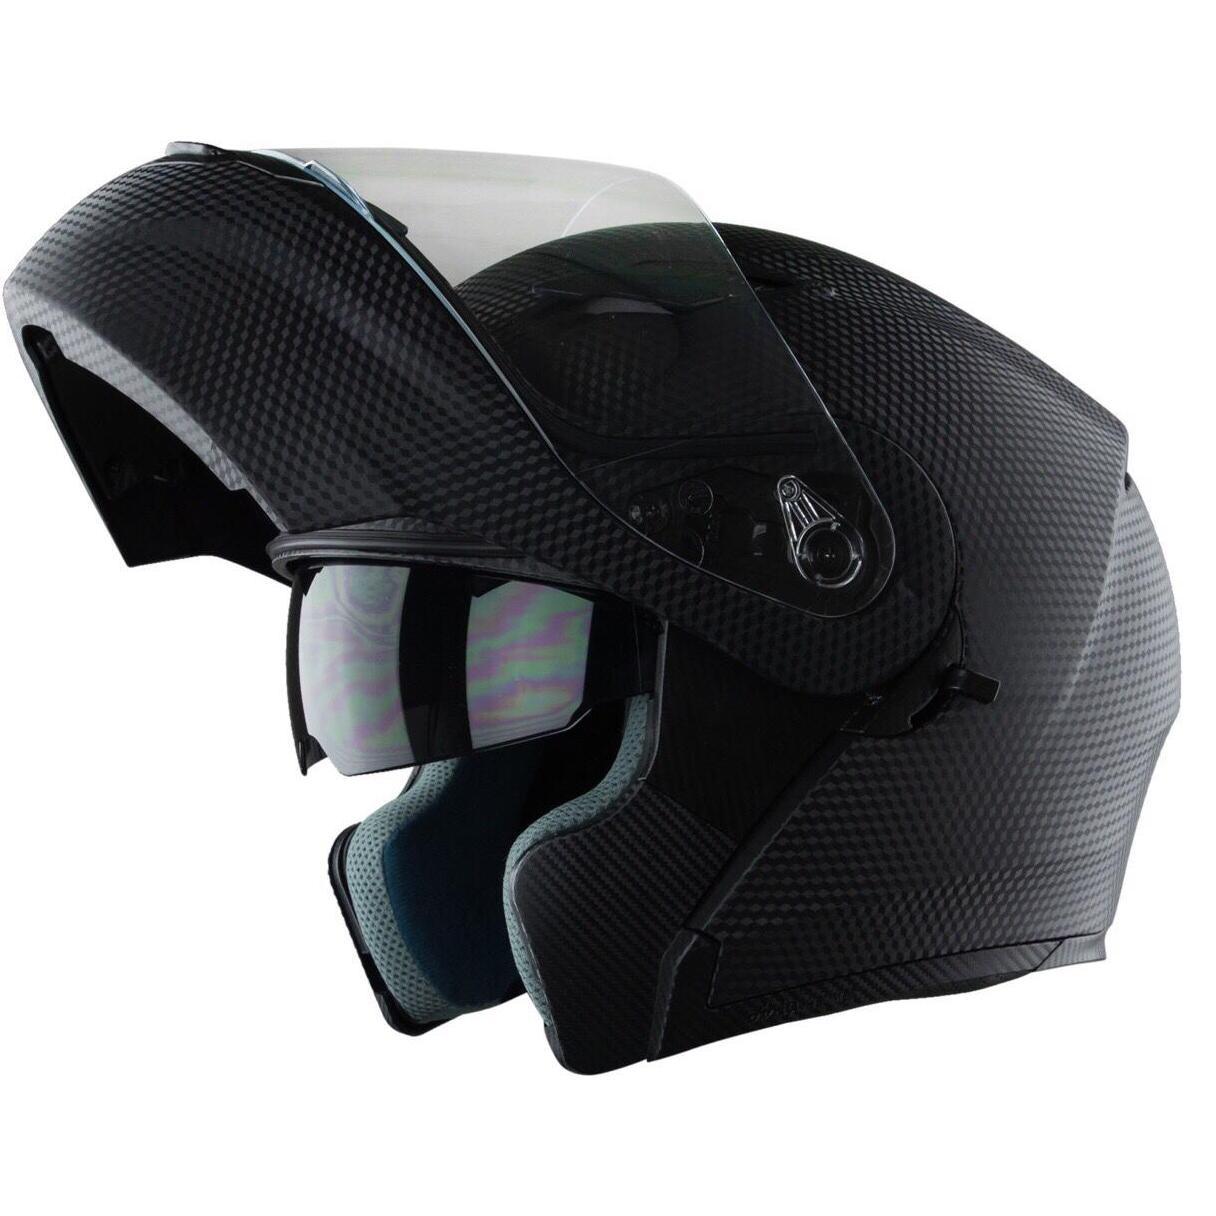 Nón bảo hiểm Fullface lật hàm 2 kính Royal M179 đen vân Carbon